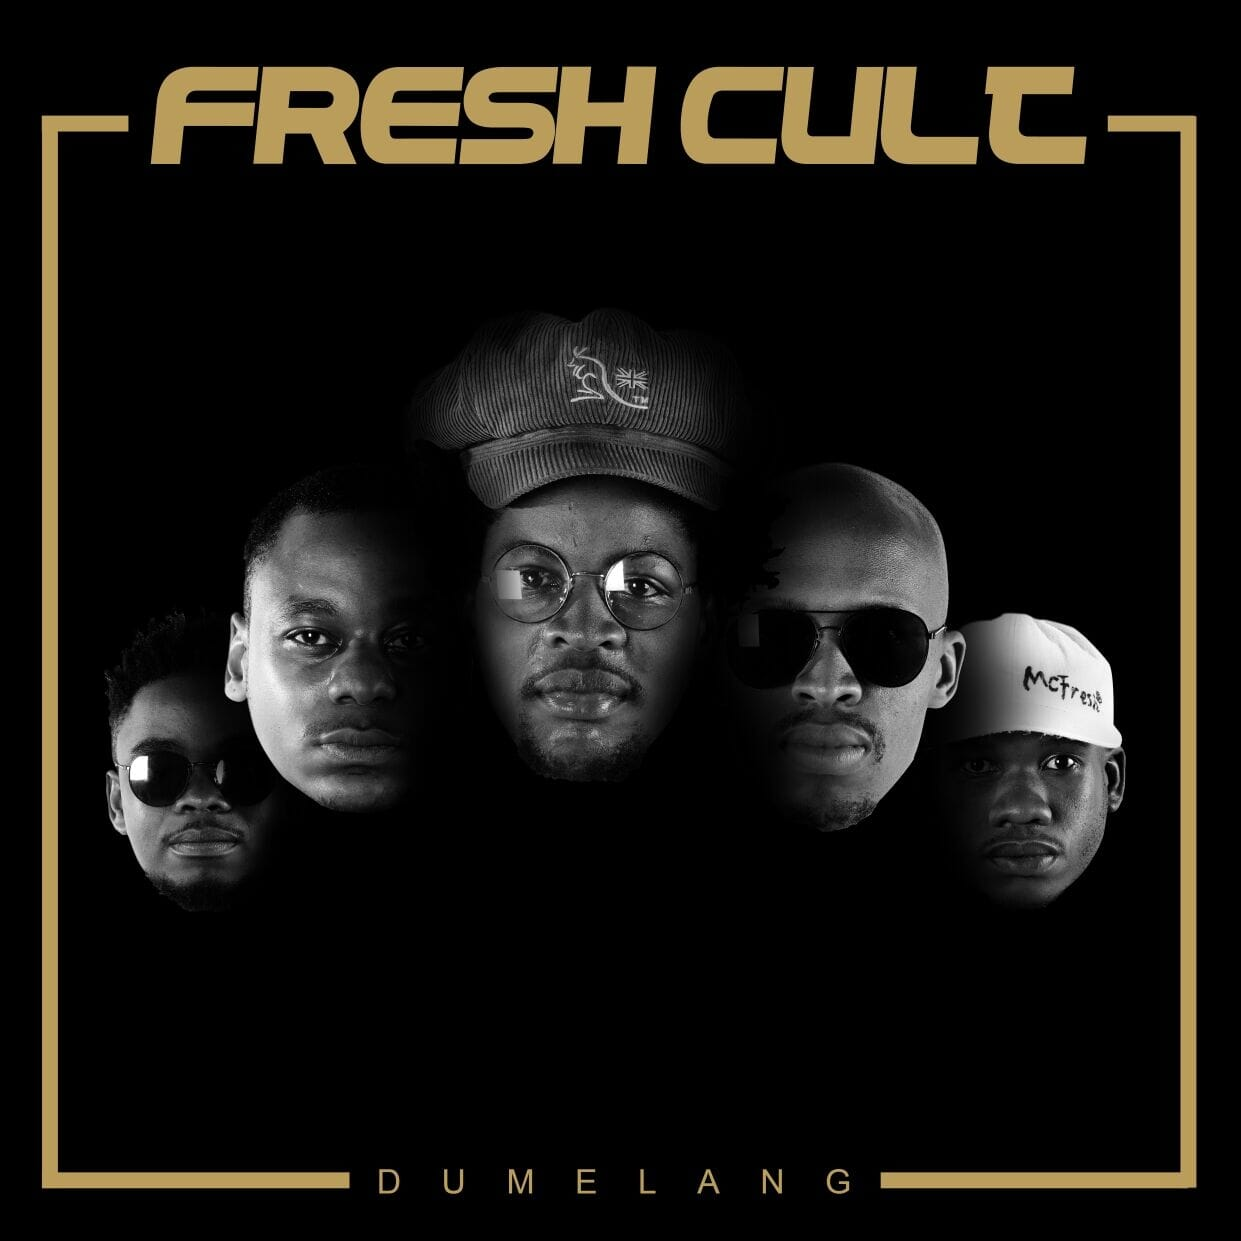 Fresh Cult